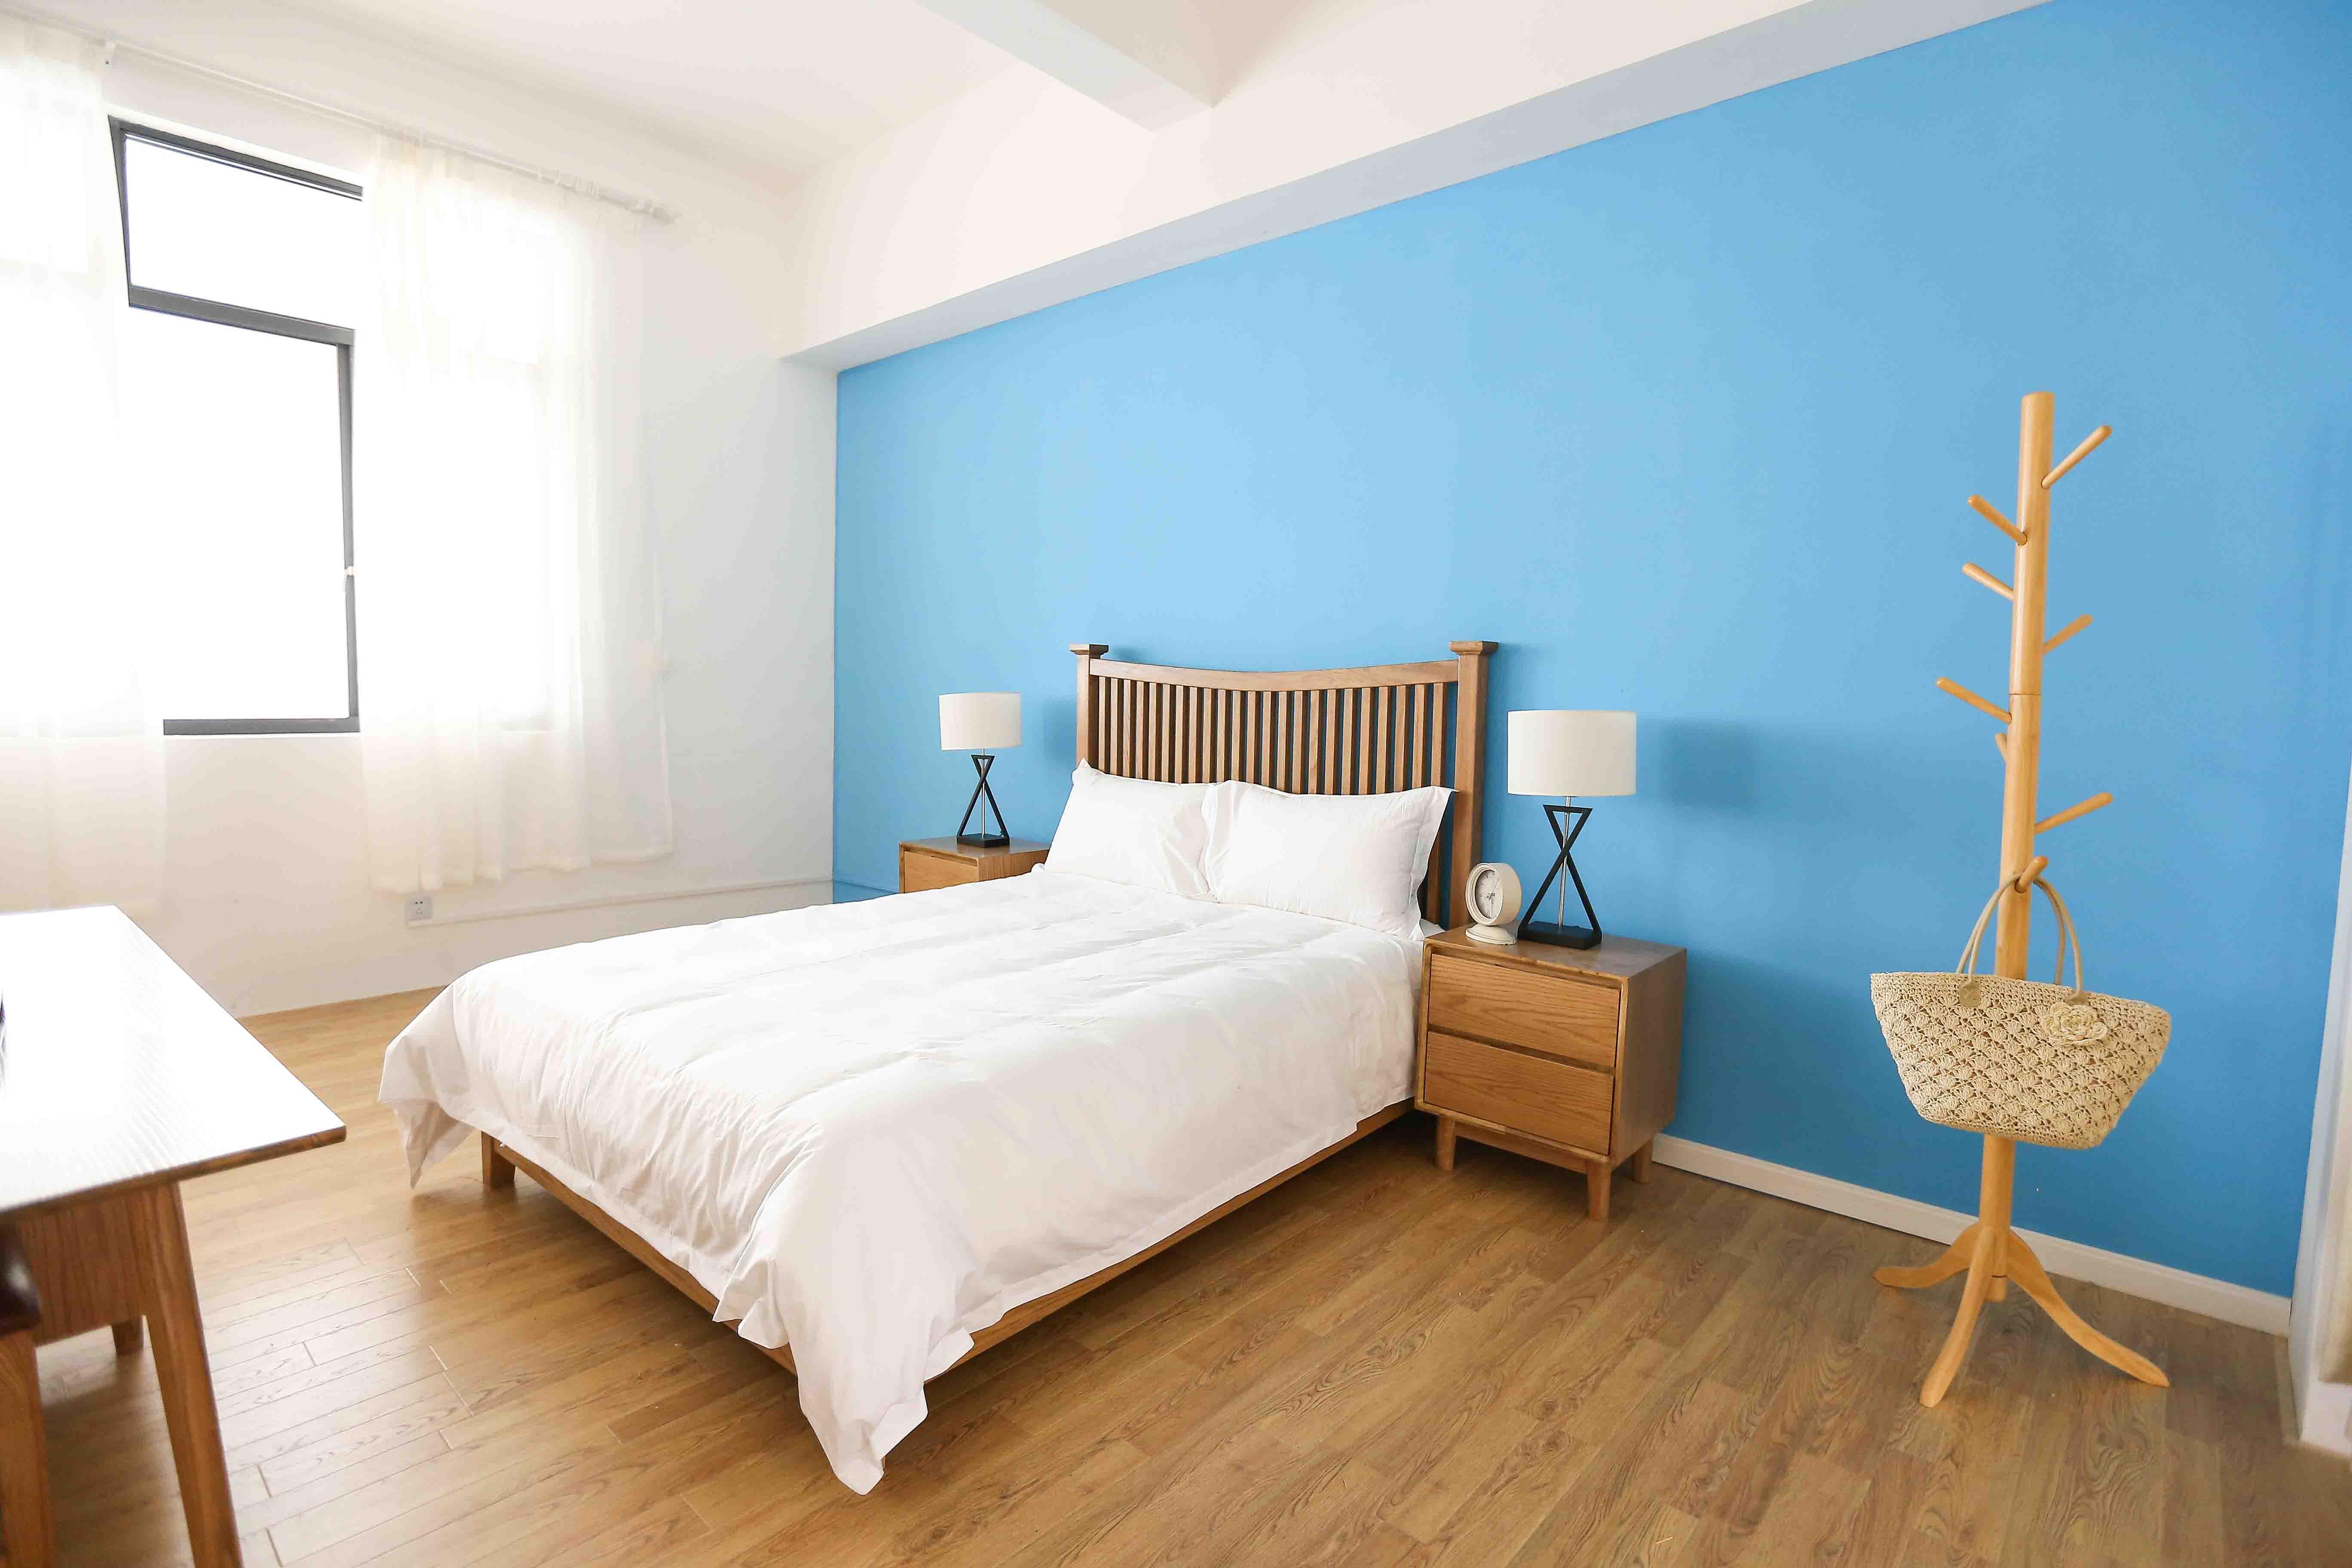 大卧室,小卧室,儿童房,商务卧室,床戏实景拍摄棚